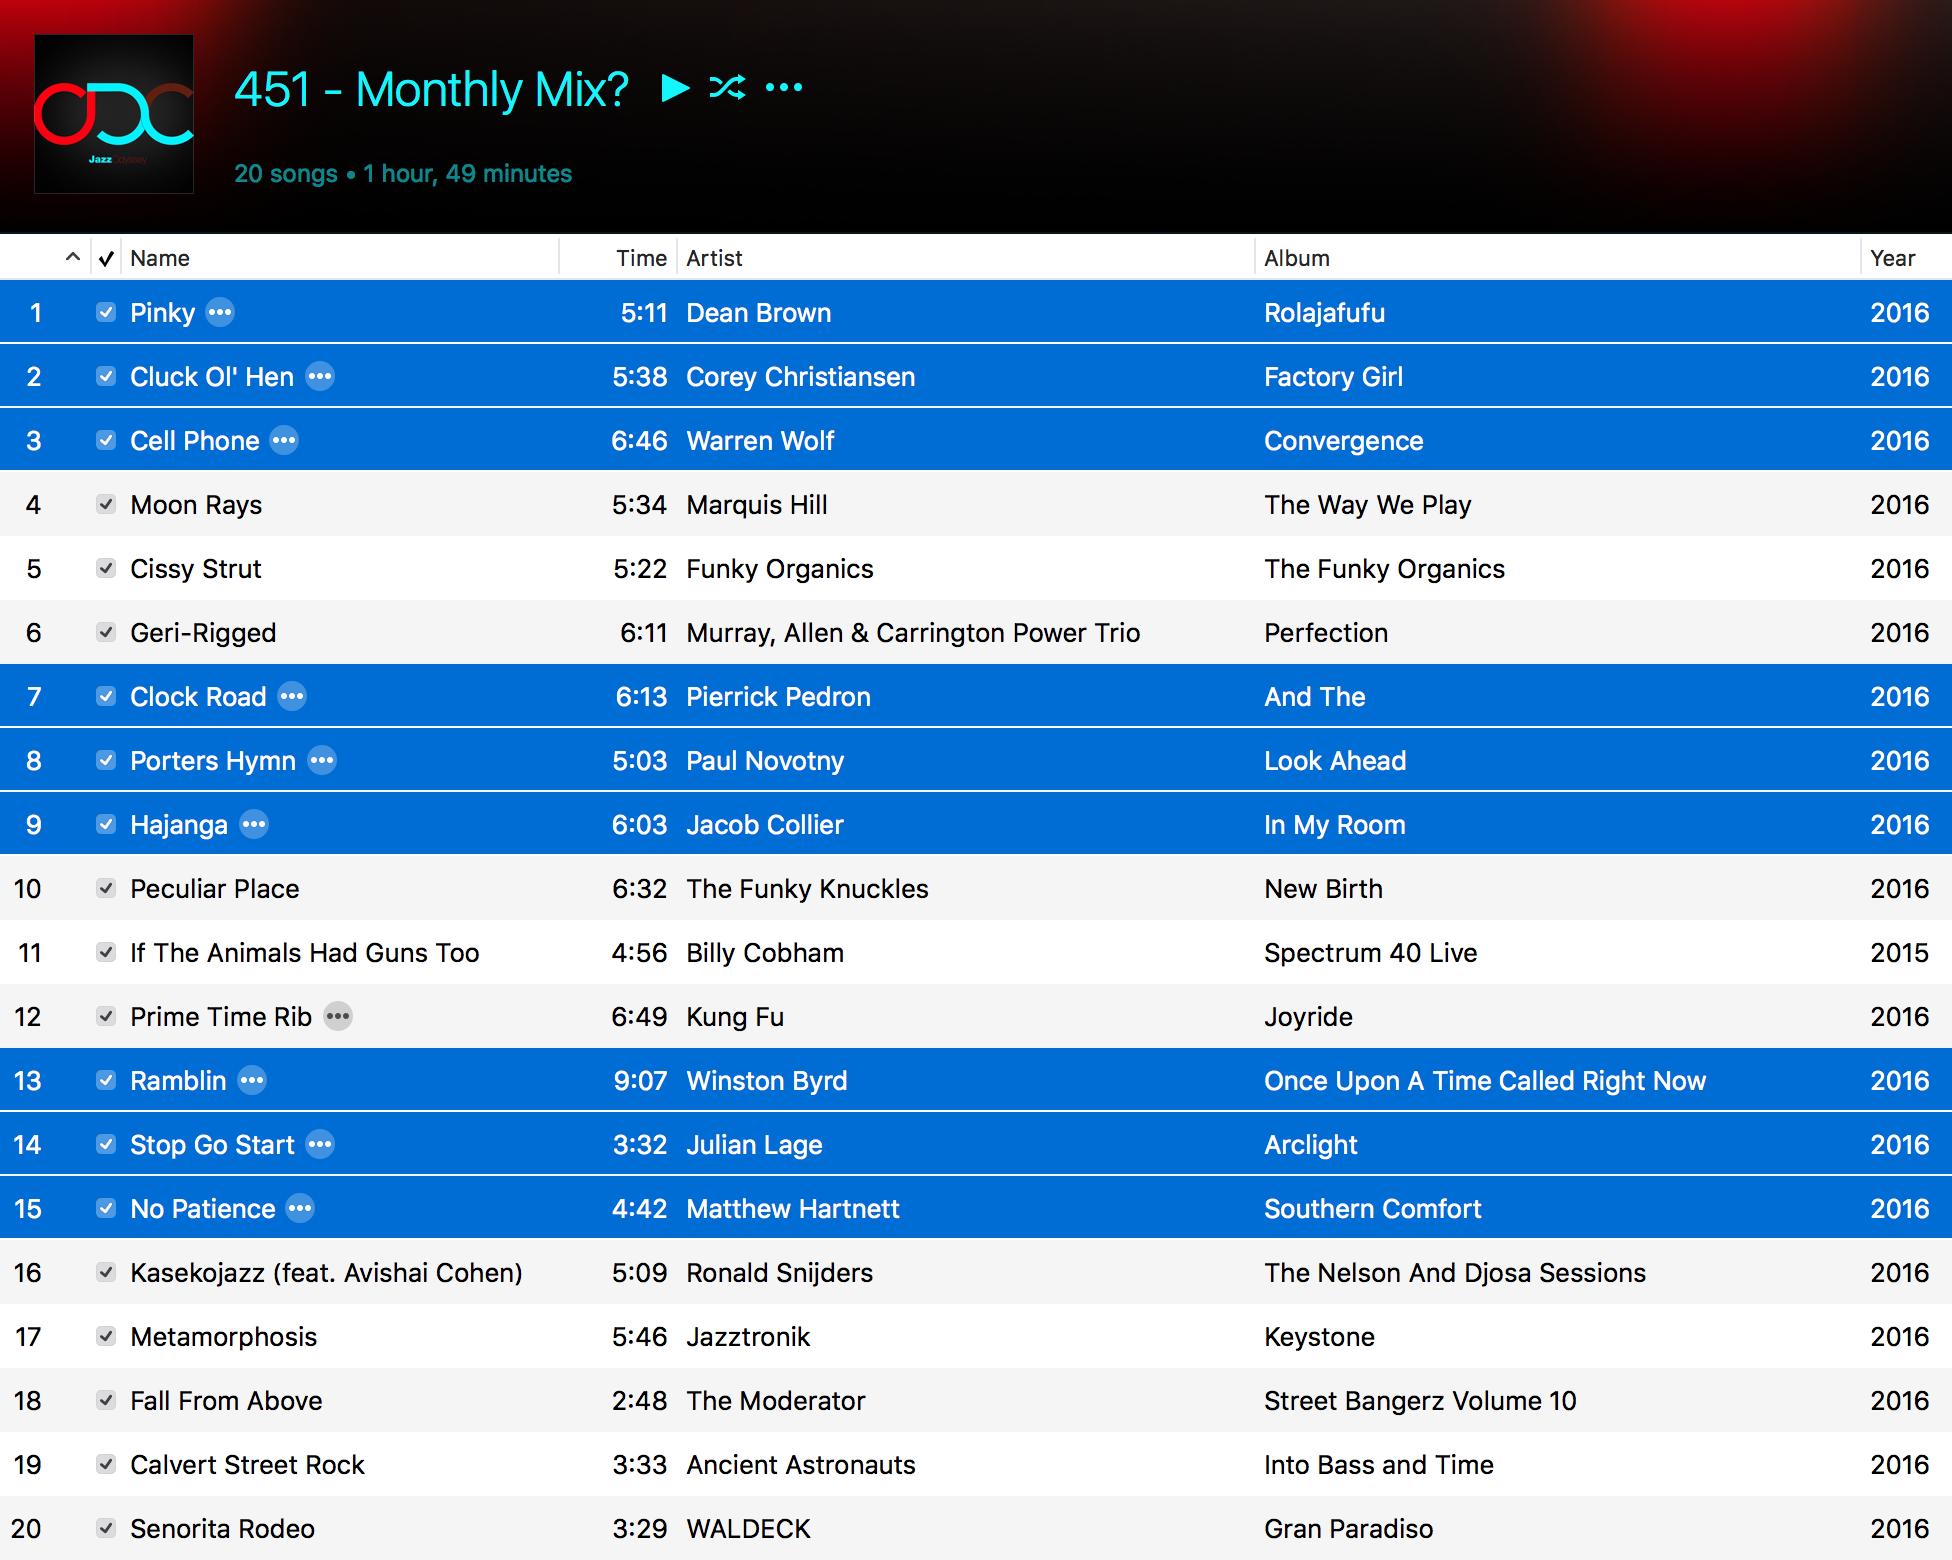 Jazz ODC #451 - Monthly Mix - Playlist